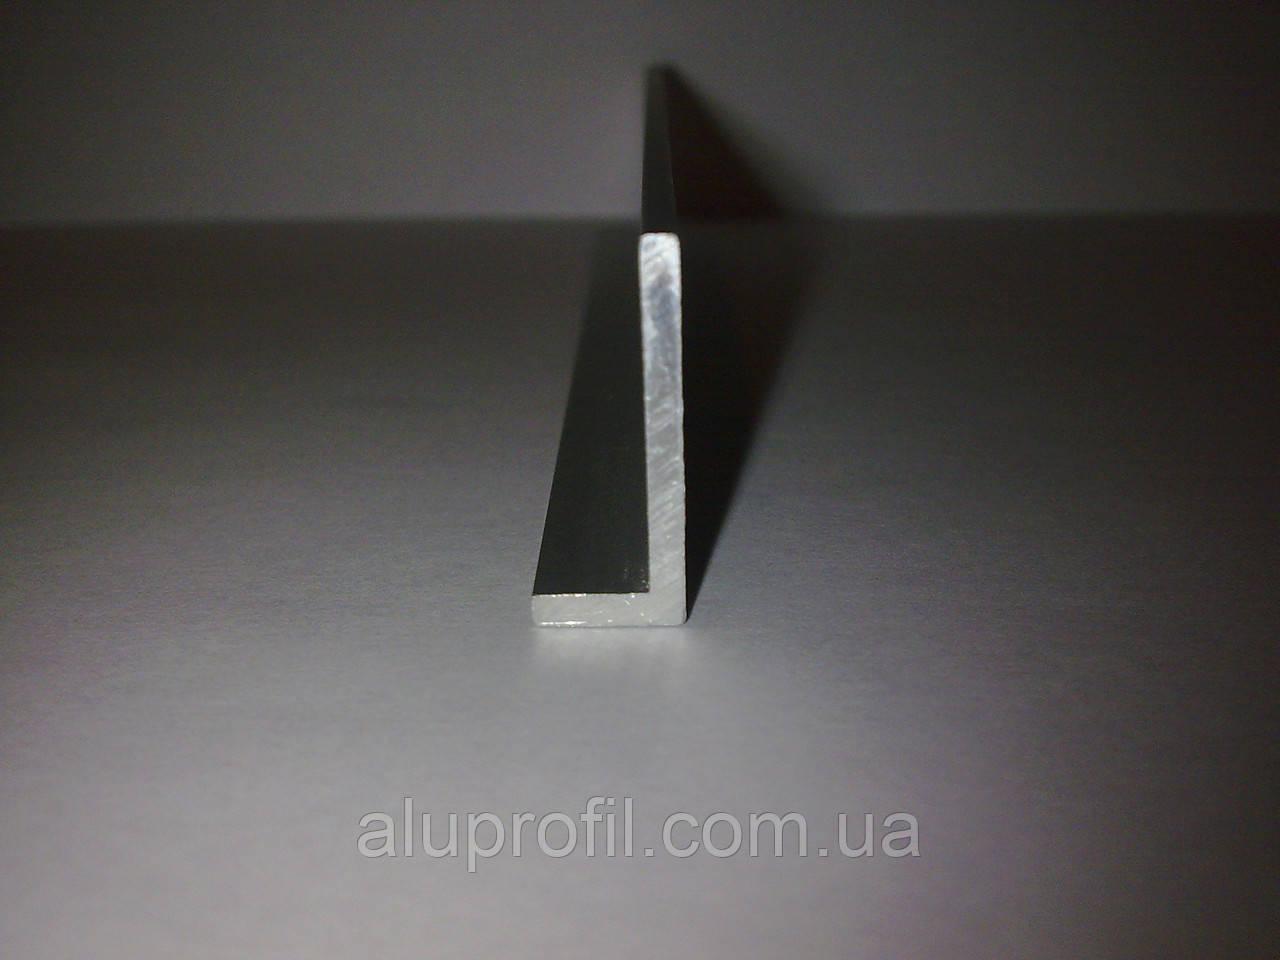 Алюминиевый профиль — уголок алюминиевый 20х10х1 Б/П